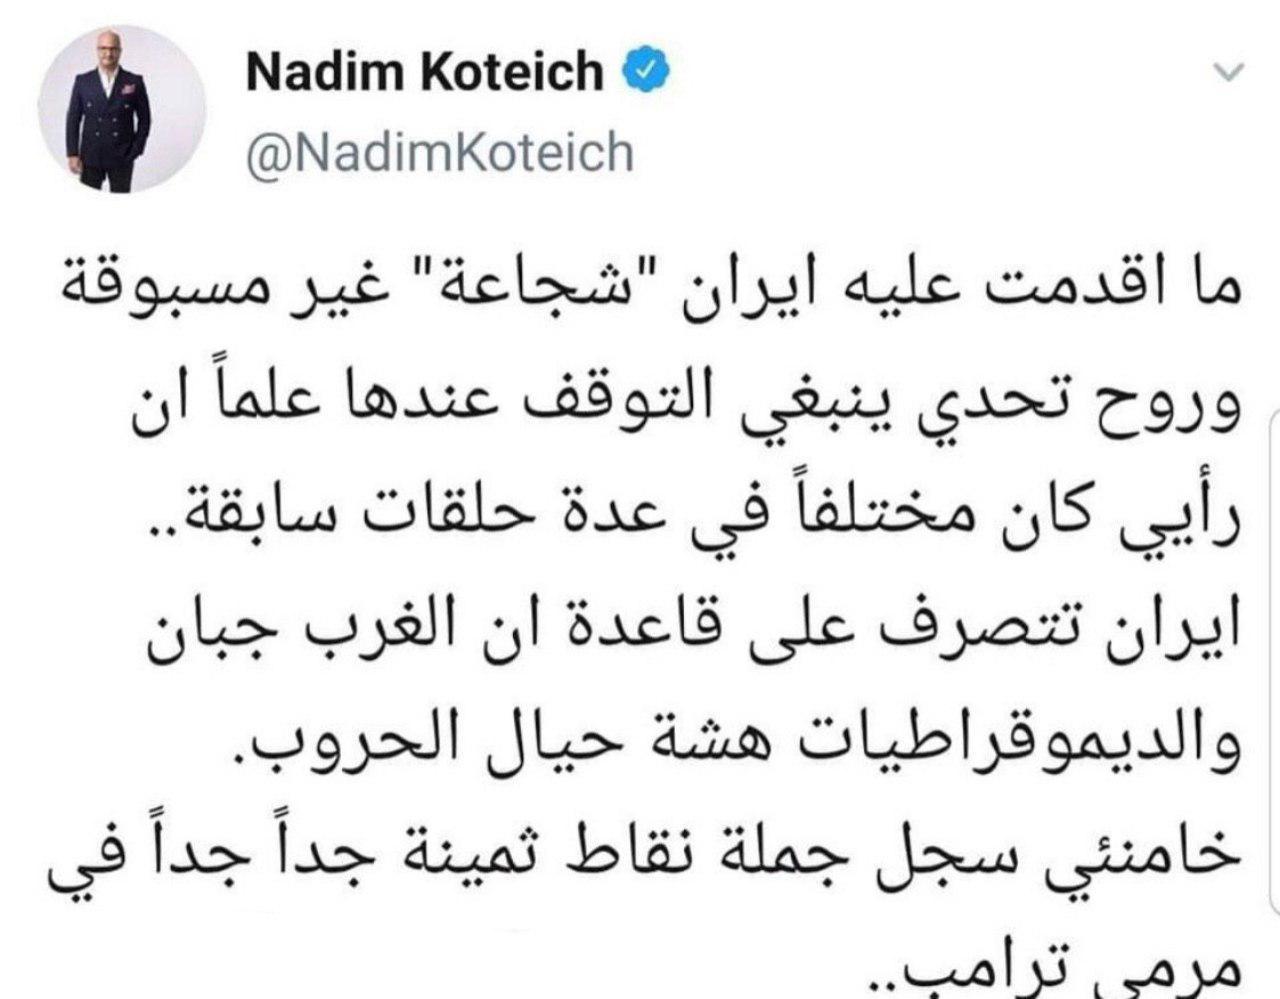 ⭕️ واکنش ندیم قطیش، مجری لبنانی و ضدایرانی به توقیف نفتکش انگلیسی